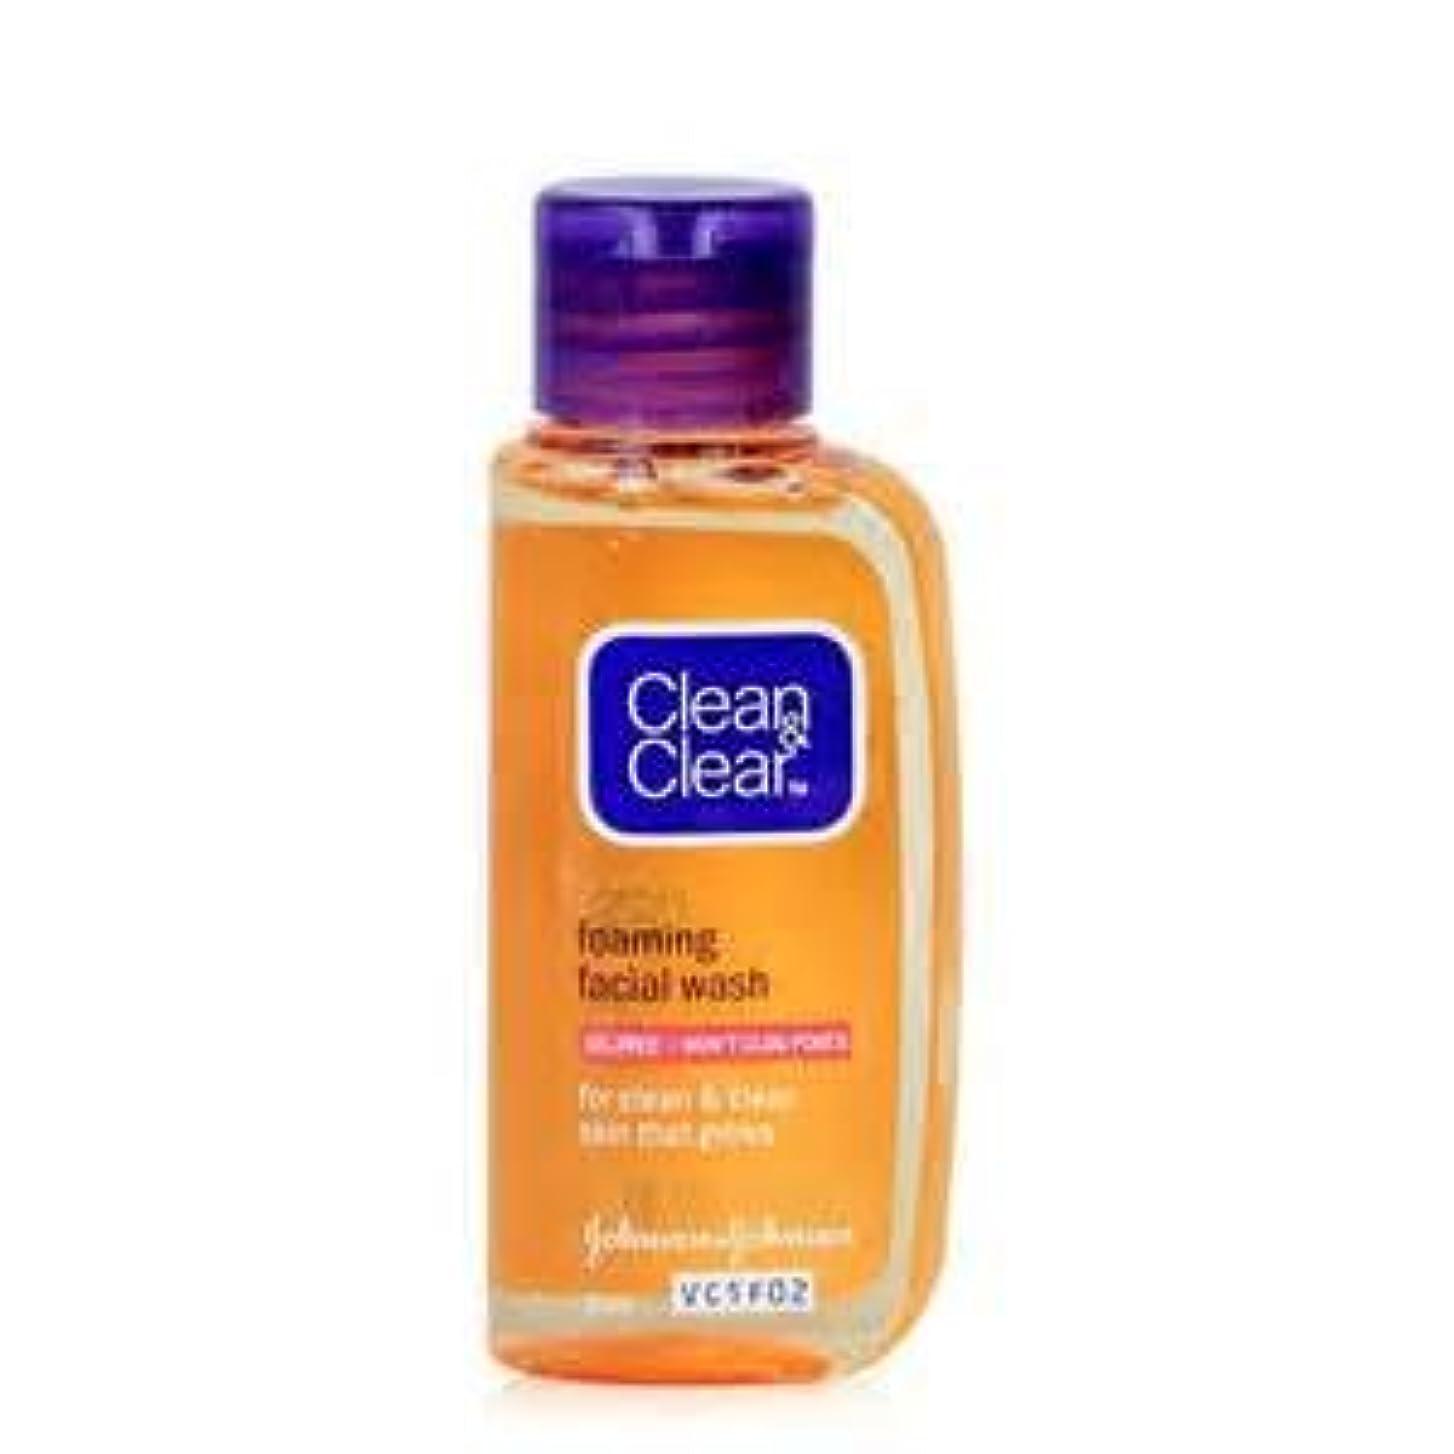 セールスマン洪水噂クリーン&クリア エッセンシャル フォーミング フェイシャル ウォッシュ clean&clear essentials foaming facial wash 50ml